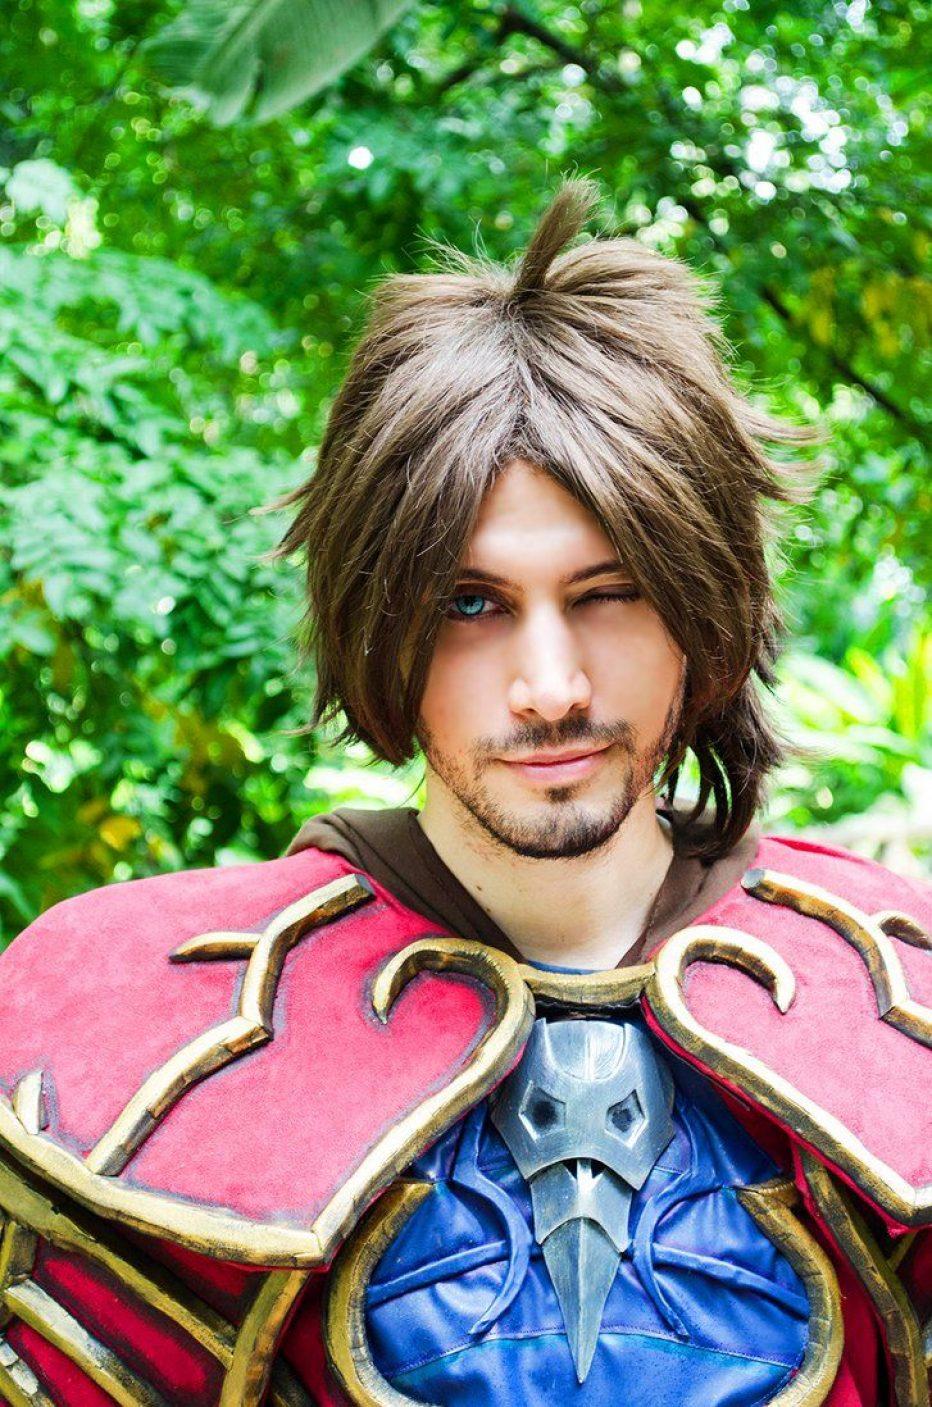 Castlevania-Gabriel-Belmont-Cosplay-Gamers-Heroes-7.jpg